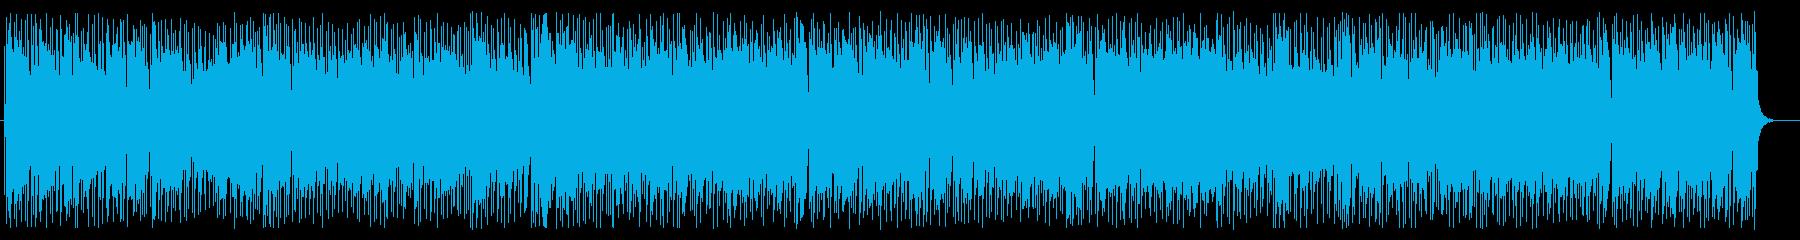 ワイルドでグルービーなシティポップの再生済みの波形